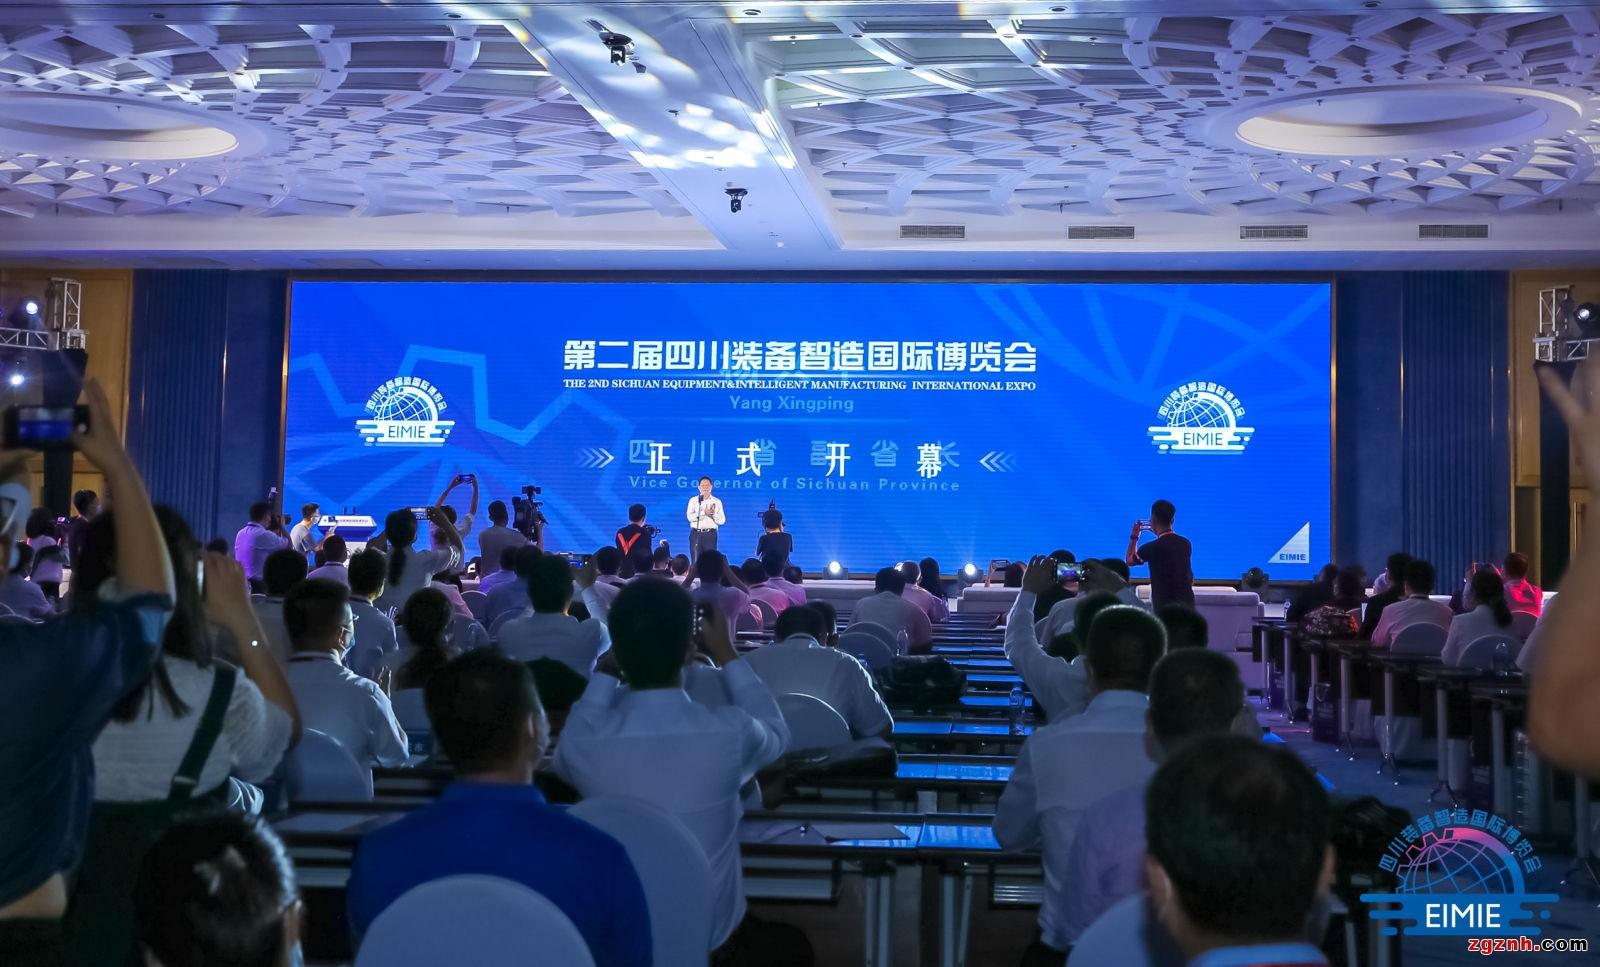 第二届四川装备智造国际博览会在德阳举行